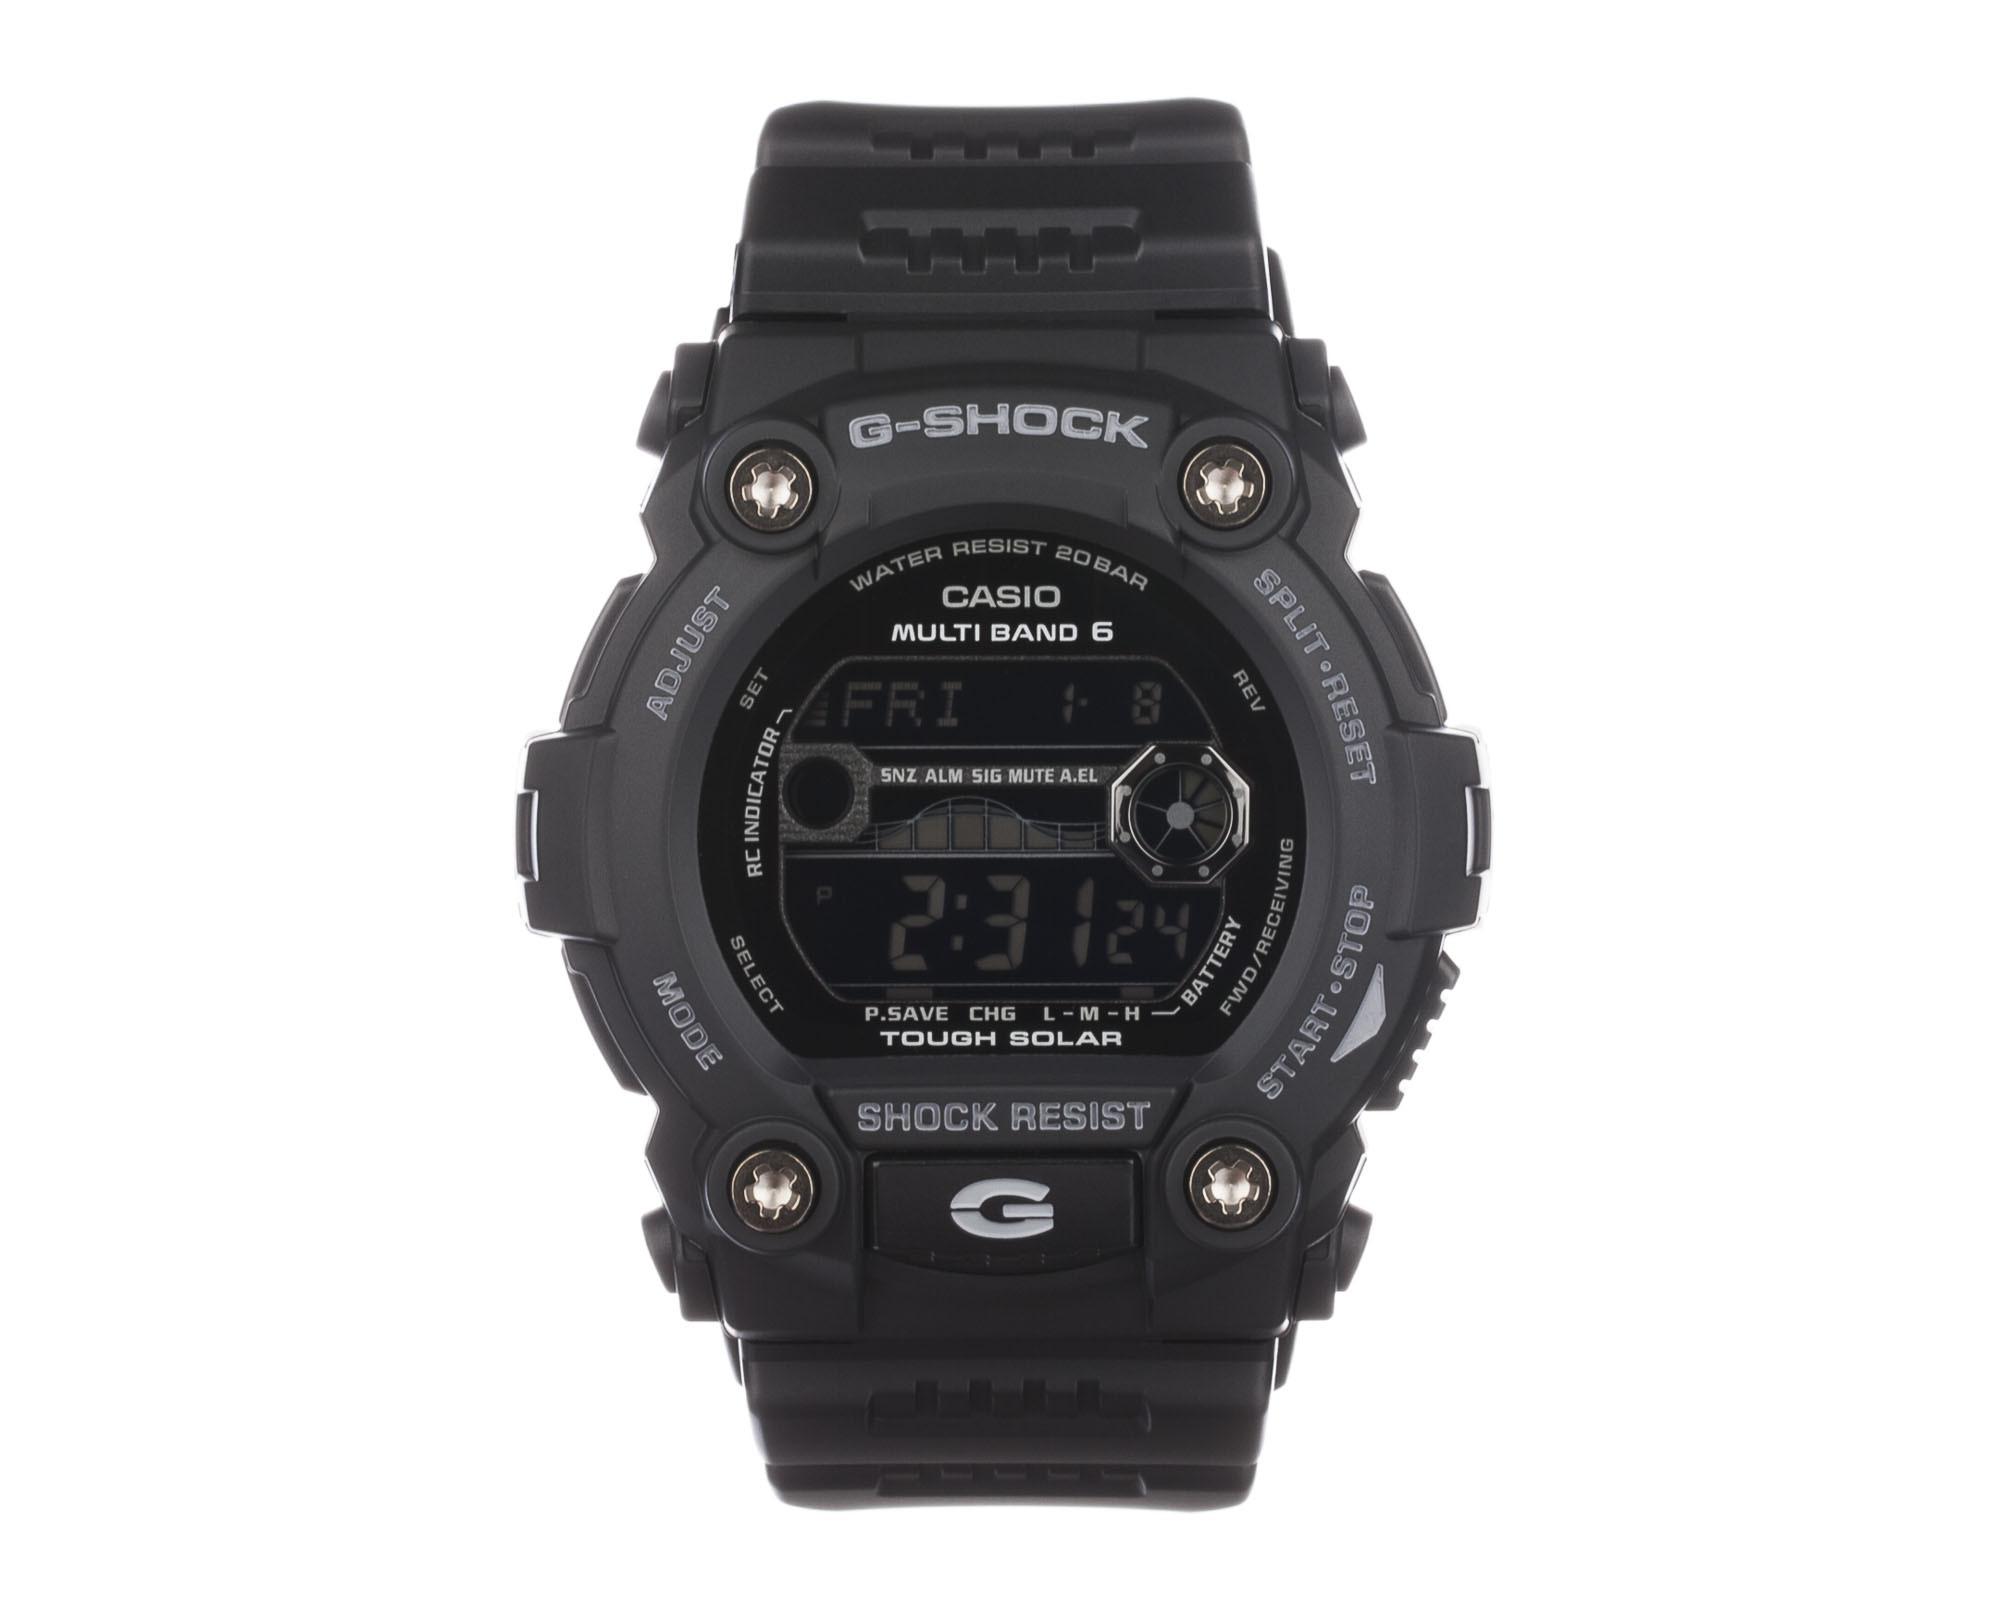 Casio GW-7900B-1ER horloge